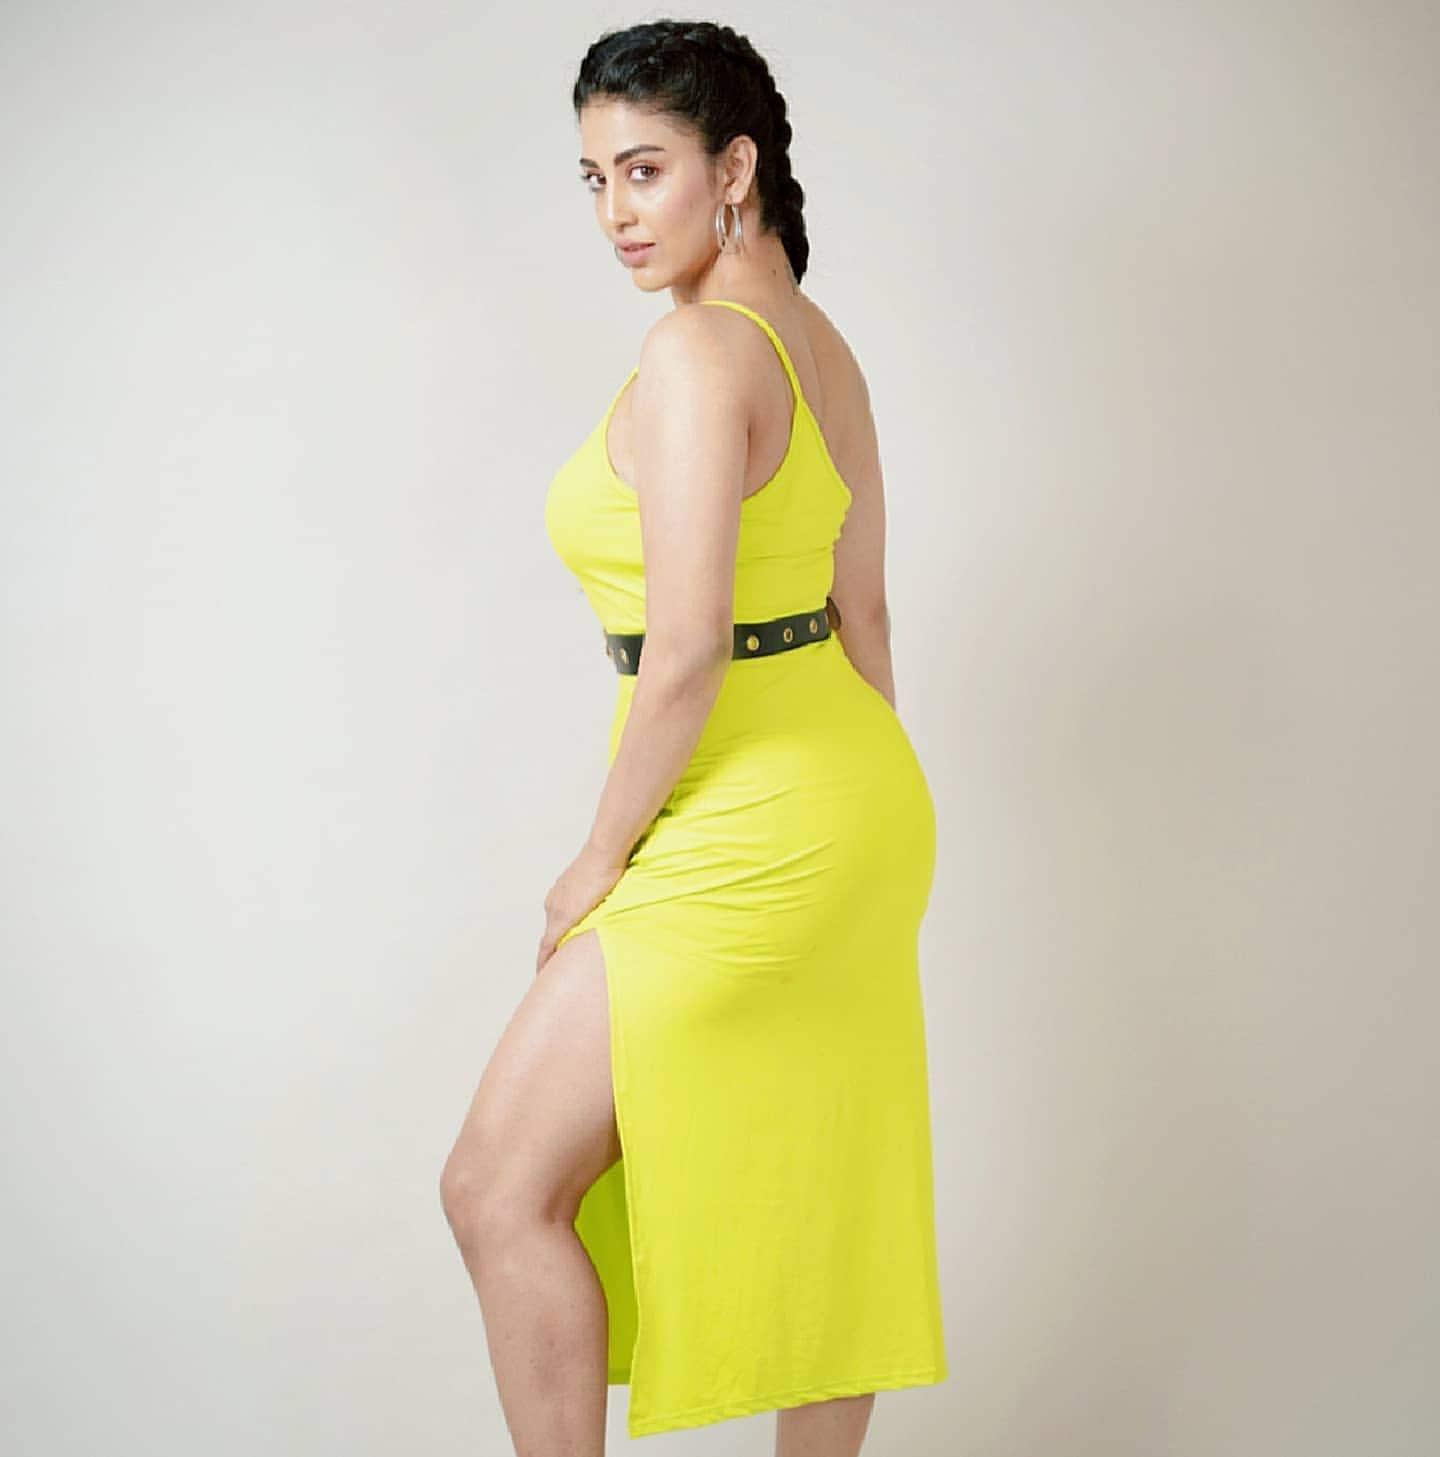 దక్ష నాగర్కర్ లేటెస్ట్ ఫోటో షూట్.. Photo : Instagram